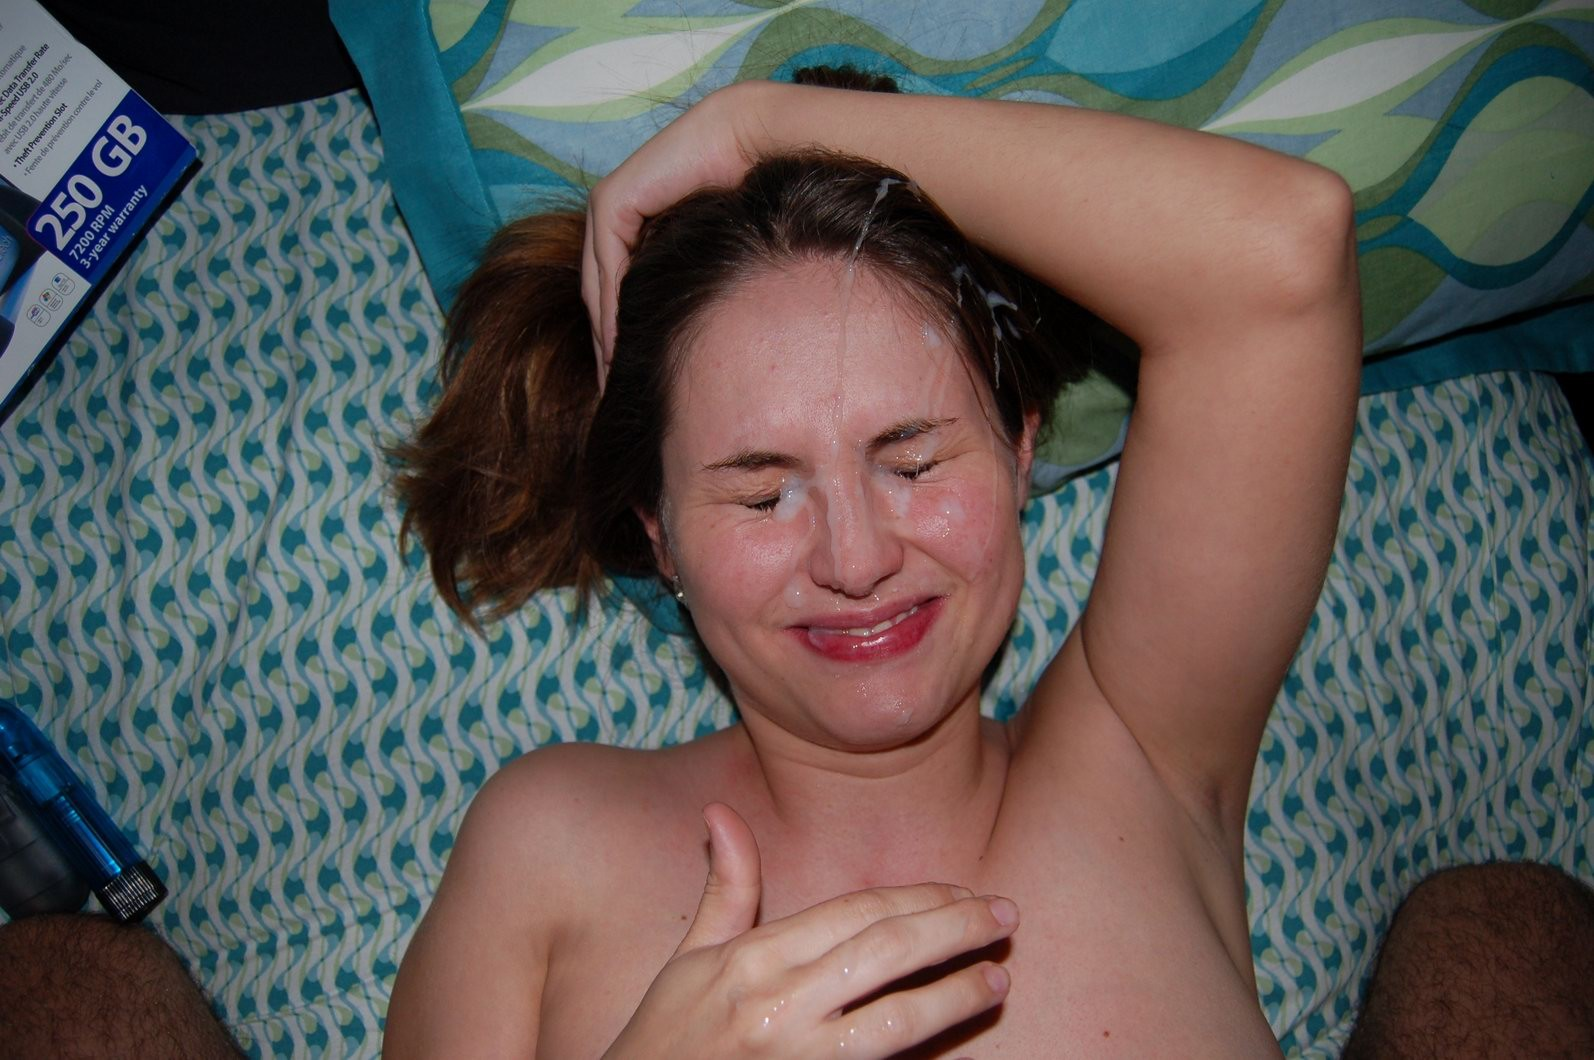 Жена впервые получила сперму на лицо